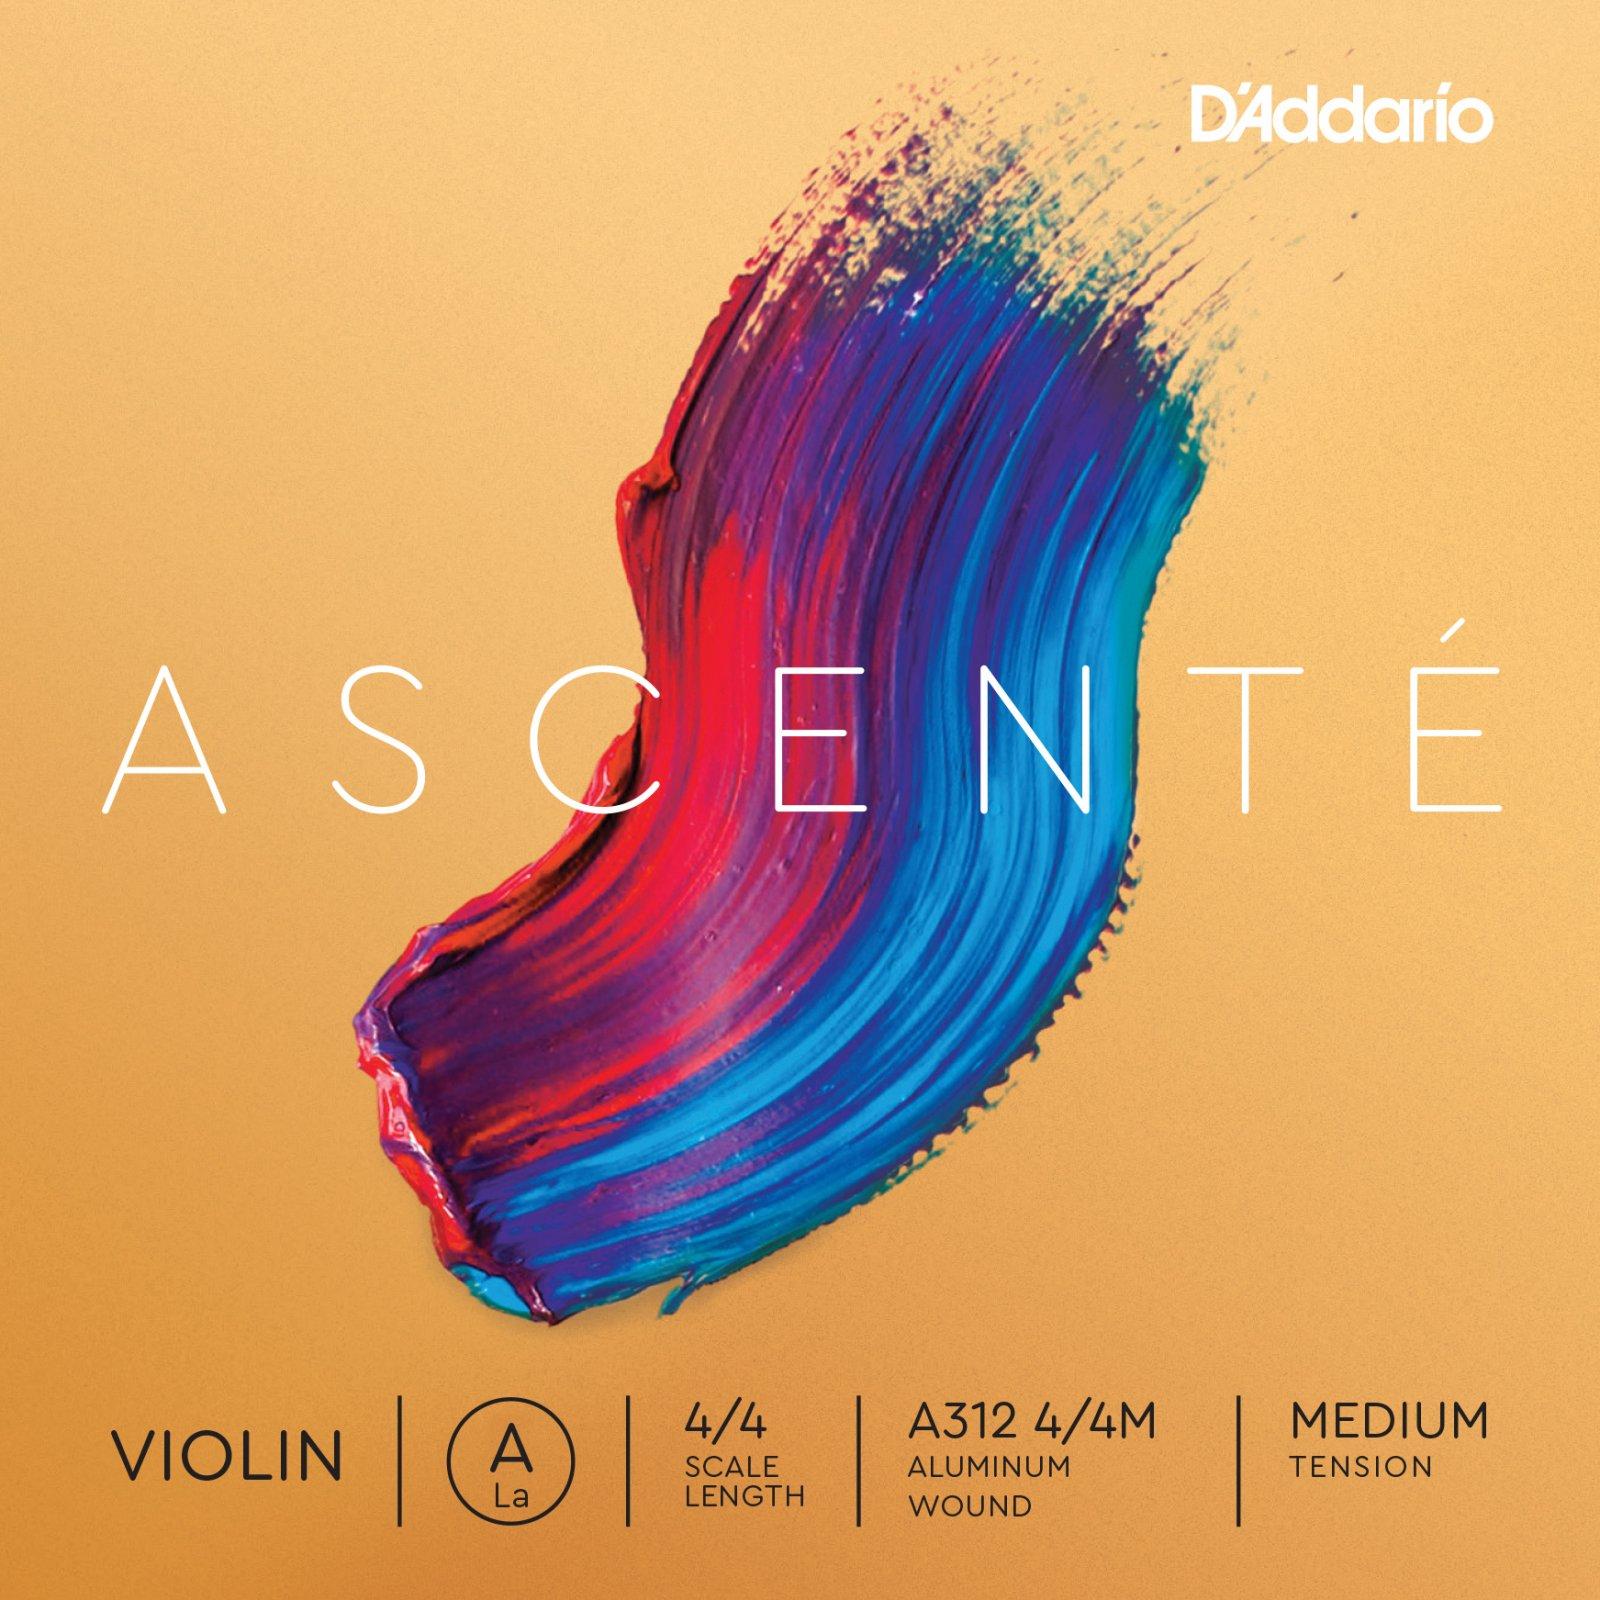 D'Addario Ascente Single A String - Medium Tension 4/4 3/4 1/2 (A312)